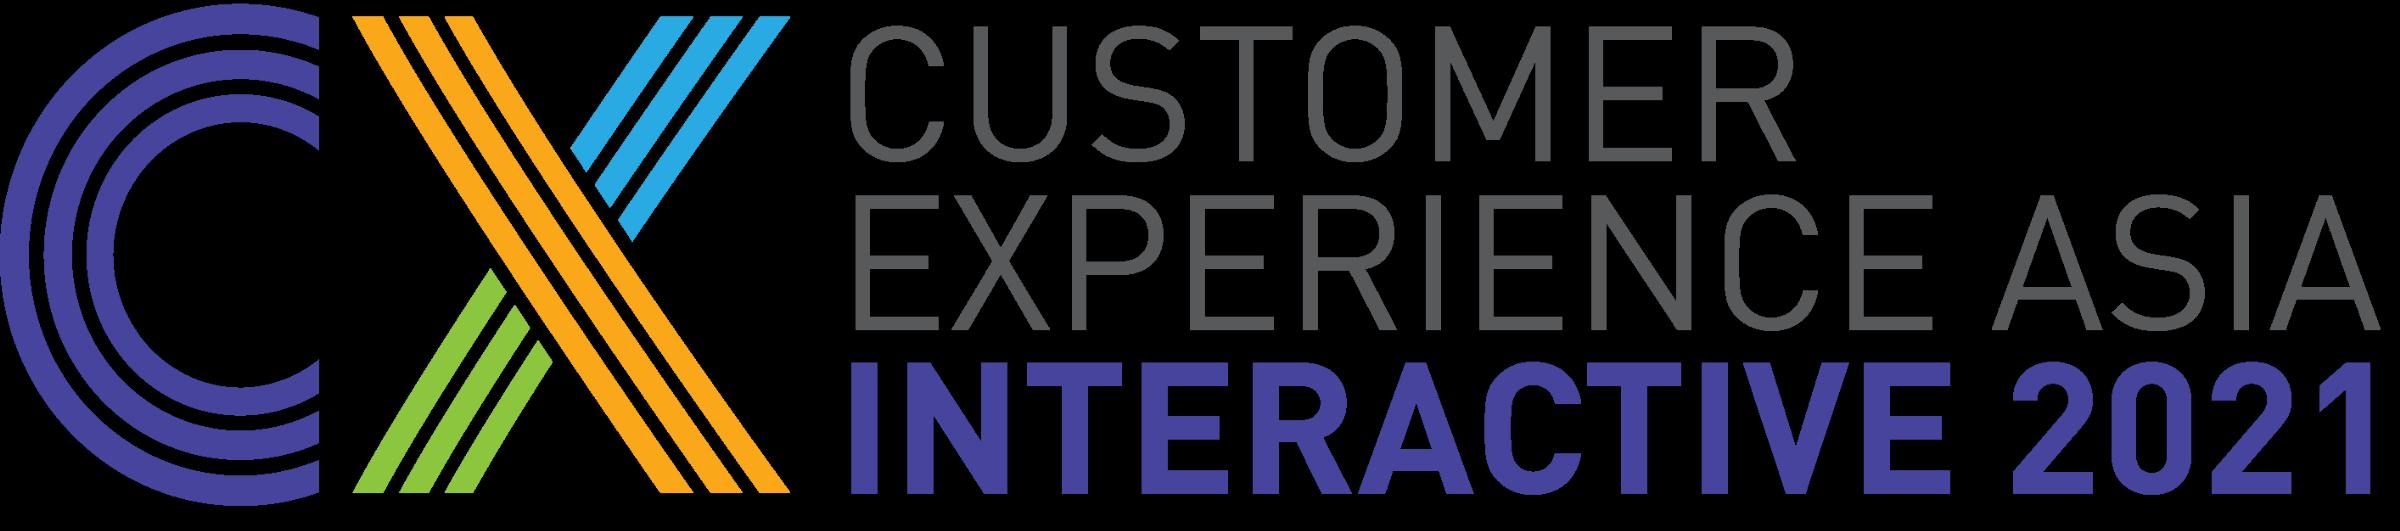 CX Asia Interactive 2021